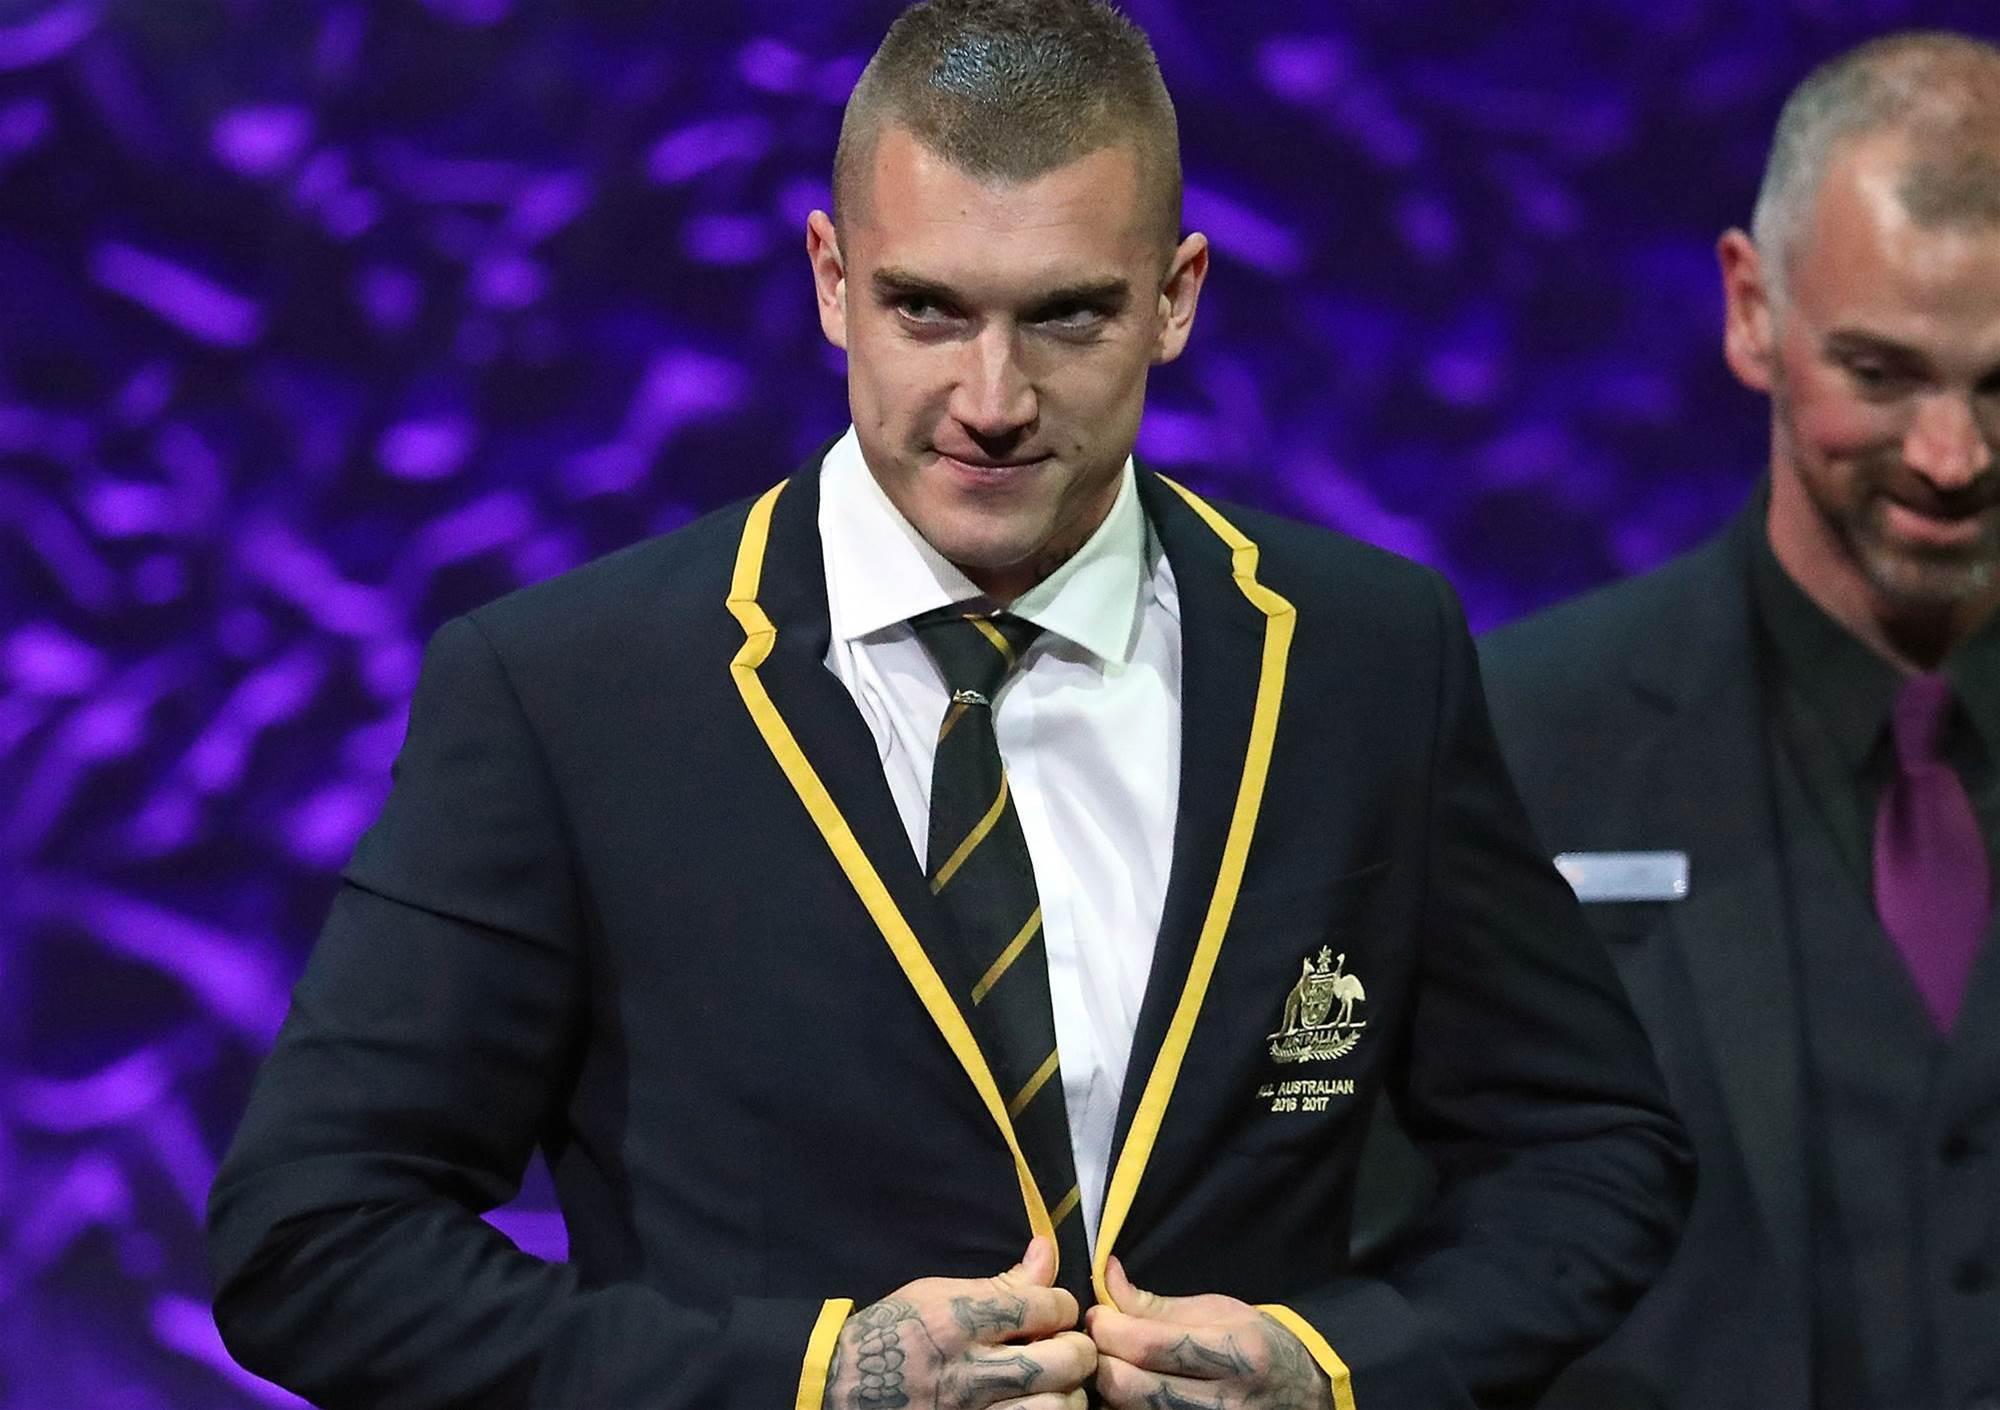 AFL All-Australian team revealed